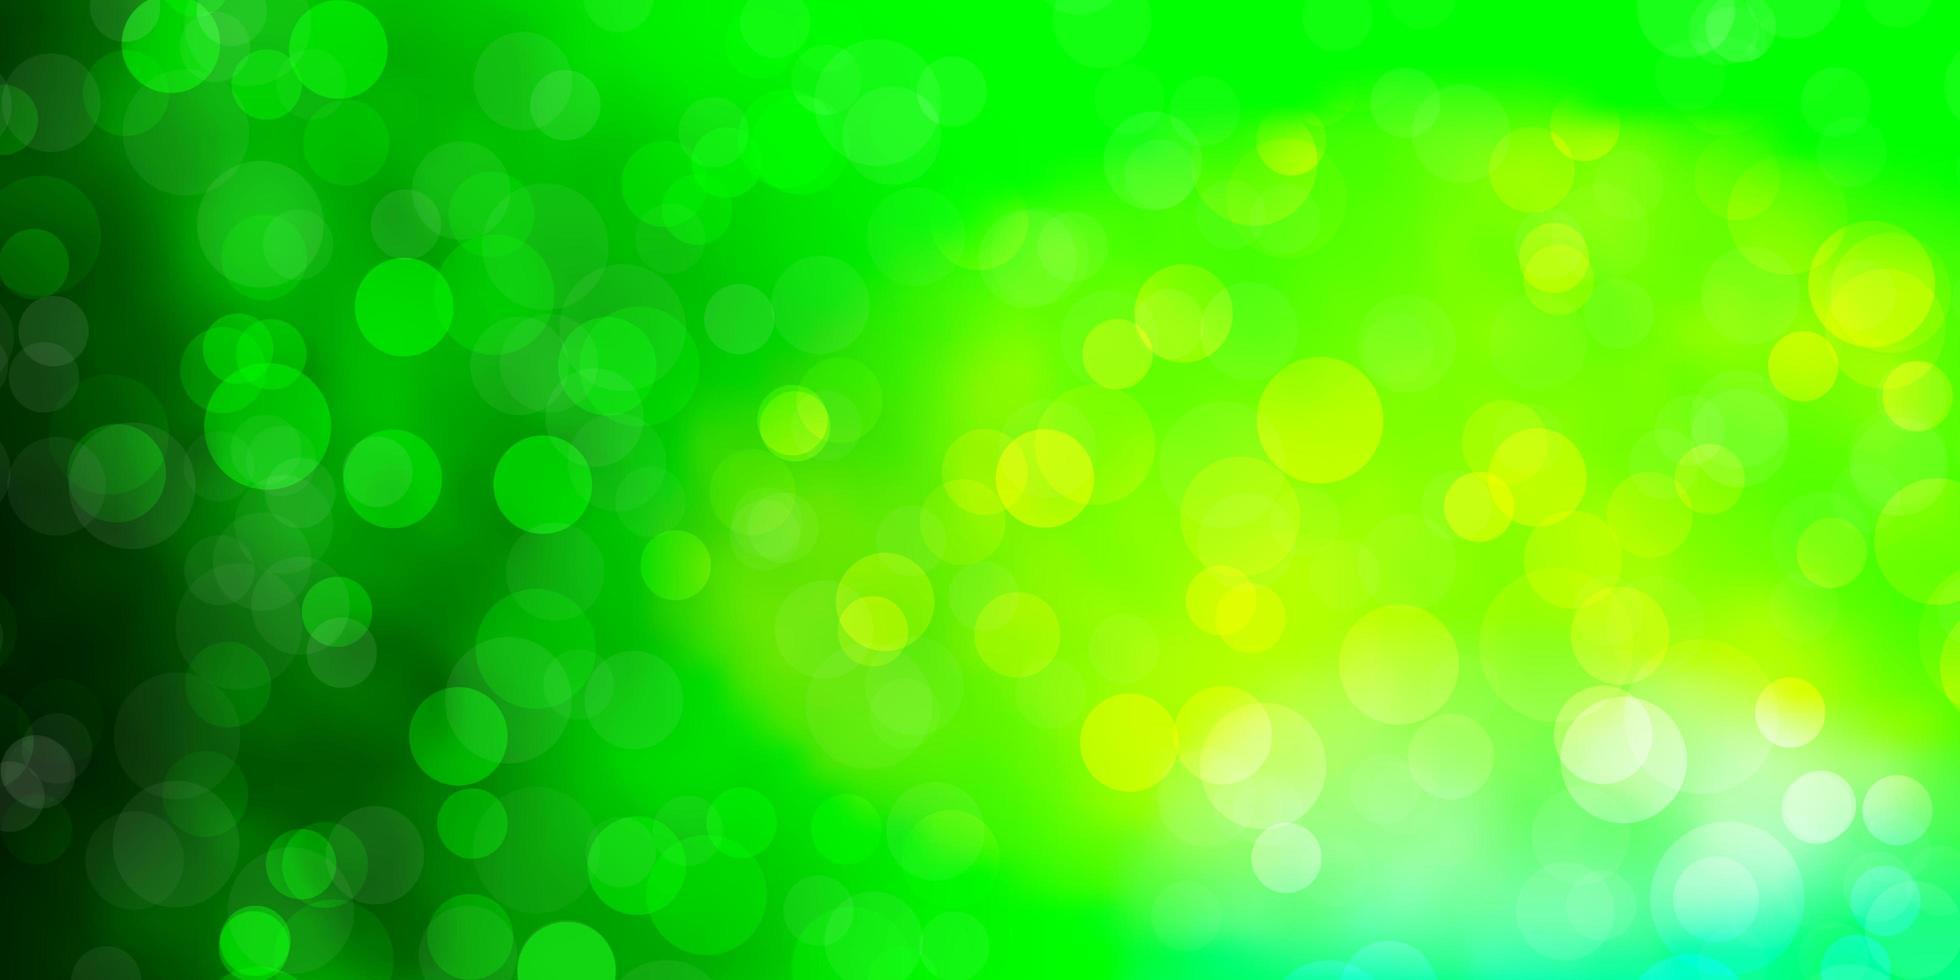 cenário de vetor verde claro com círculos.